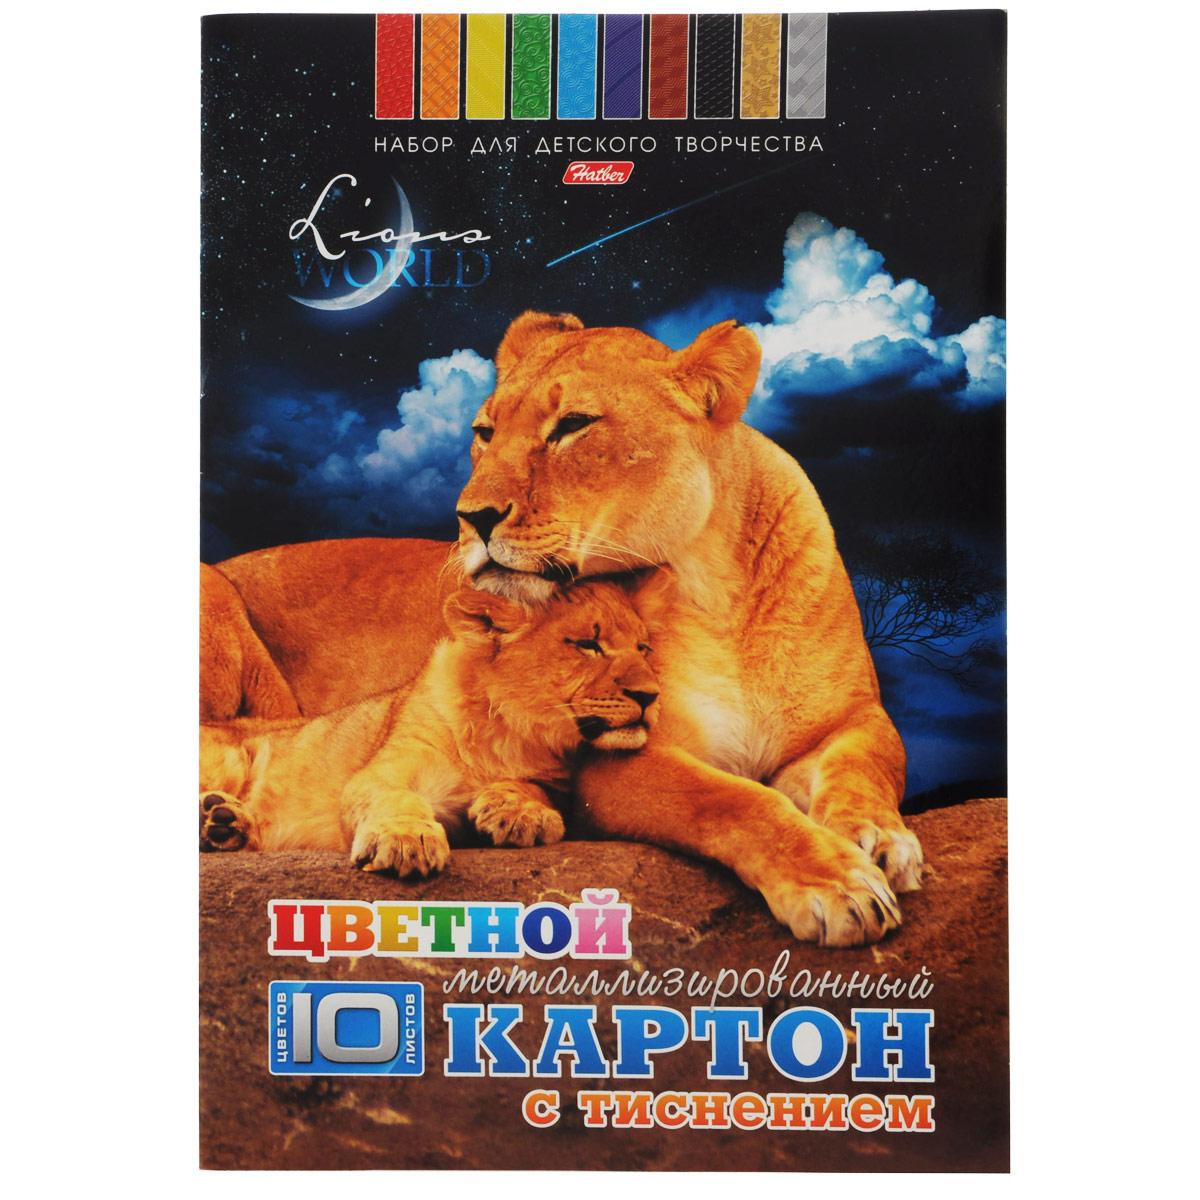 Цветной картон Hatber Мамина любовь, металлизированный, с тиснением, 10 листов10Кц4мтт_12110Цветной металлизированный картон Hatber Мамина любовь позволит вашему ребенку создавать всевозможные аппликации и поделки. Набор состоит из десяти листов картона зеленого, красного, сине-фиолетового, черного, золотистого, серебристого, коричневого, желтого, светло-зеленого и синего цветов с объемным тиснением различными узорами. Картон упакован в яркую оригинальную картонную папку. Создание поделок из цветного картона поможет ребенку в развитии творческих способностей, кроме того, это увлекательный досуг. Рекомендуемый возраст от 6 лет.